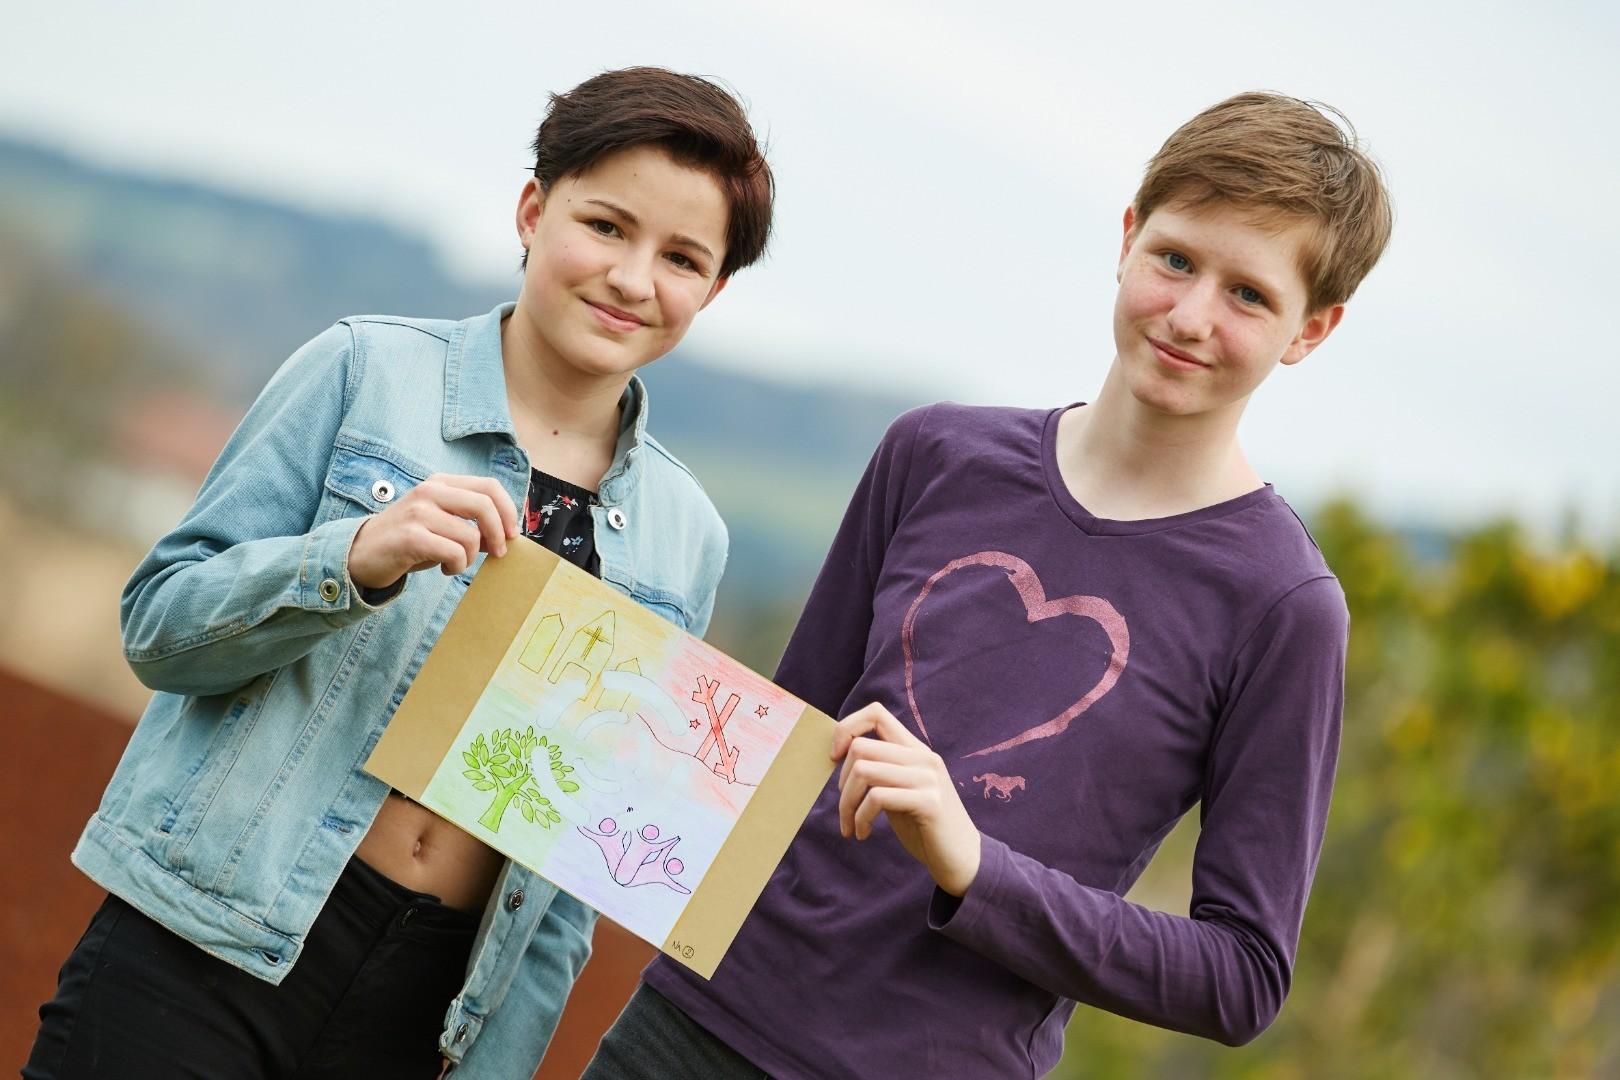 Gewinnerinnen des Logo-Wettbewerbs: Caroline Plank (links) und Selina Schadauer (rechts).